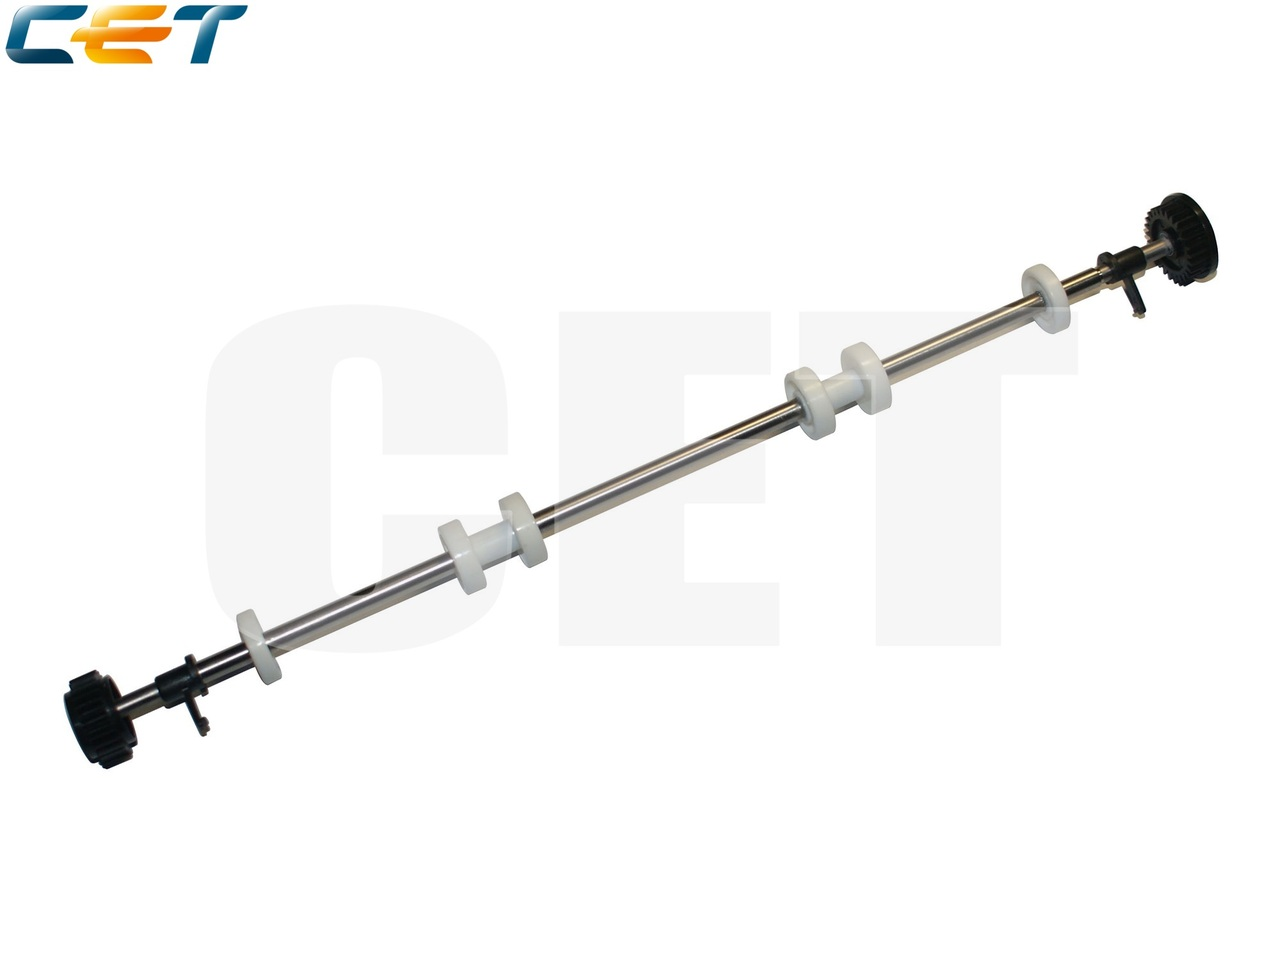 Ролик выхода в сборе 99A2469, 99A1631 для LEXMARKT630/T640/T650 (CET), CET5761